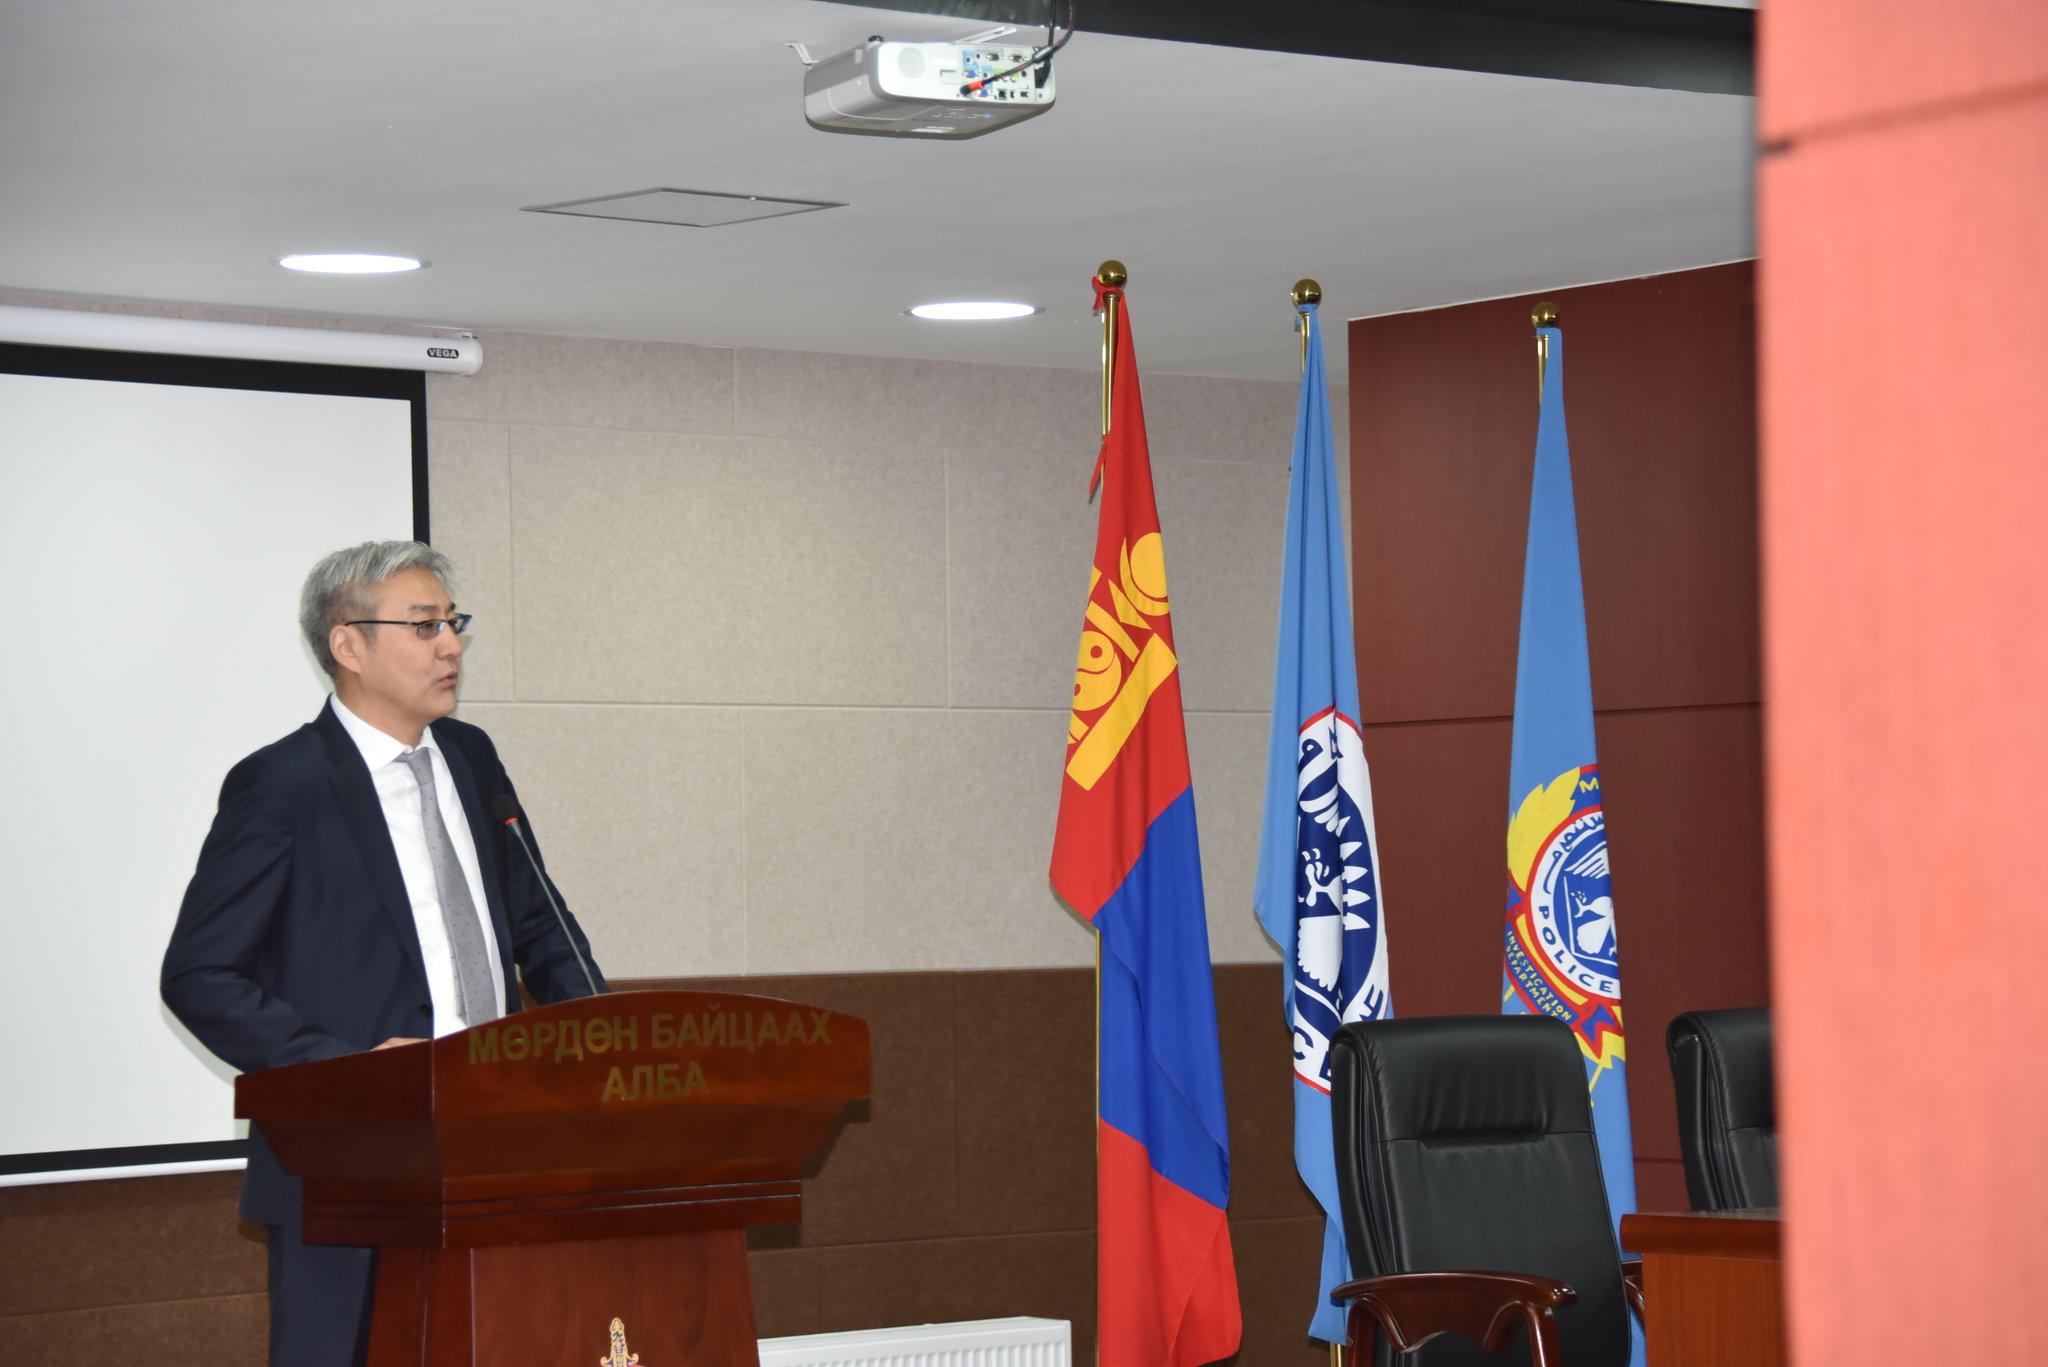 Монгол Улсын Үндэсний аюулгүй байдлын зөвлөлийн нарийн бичгийн дарга Хар тамхитай тэмцэх газрын үйл ажиллагаатай танилцлаа